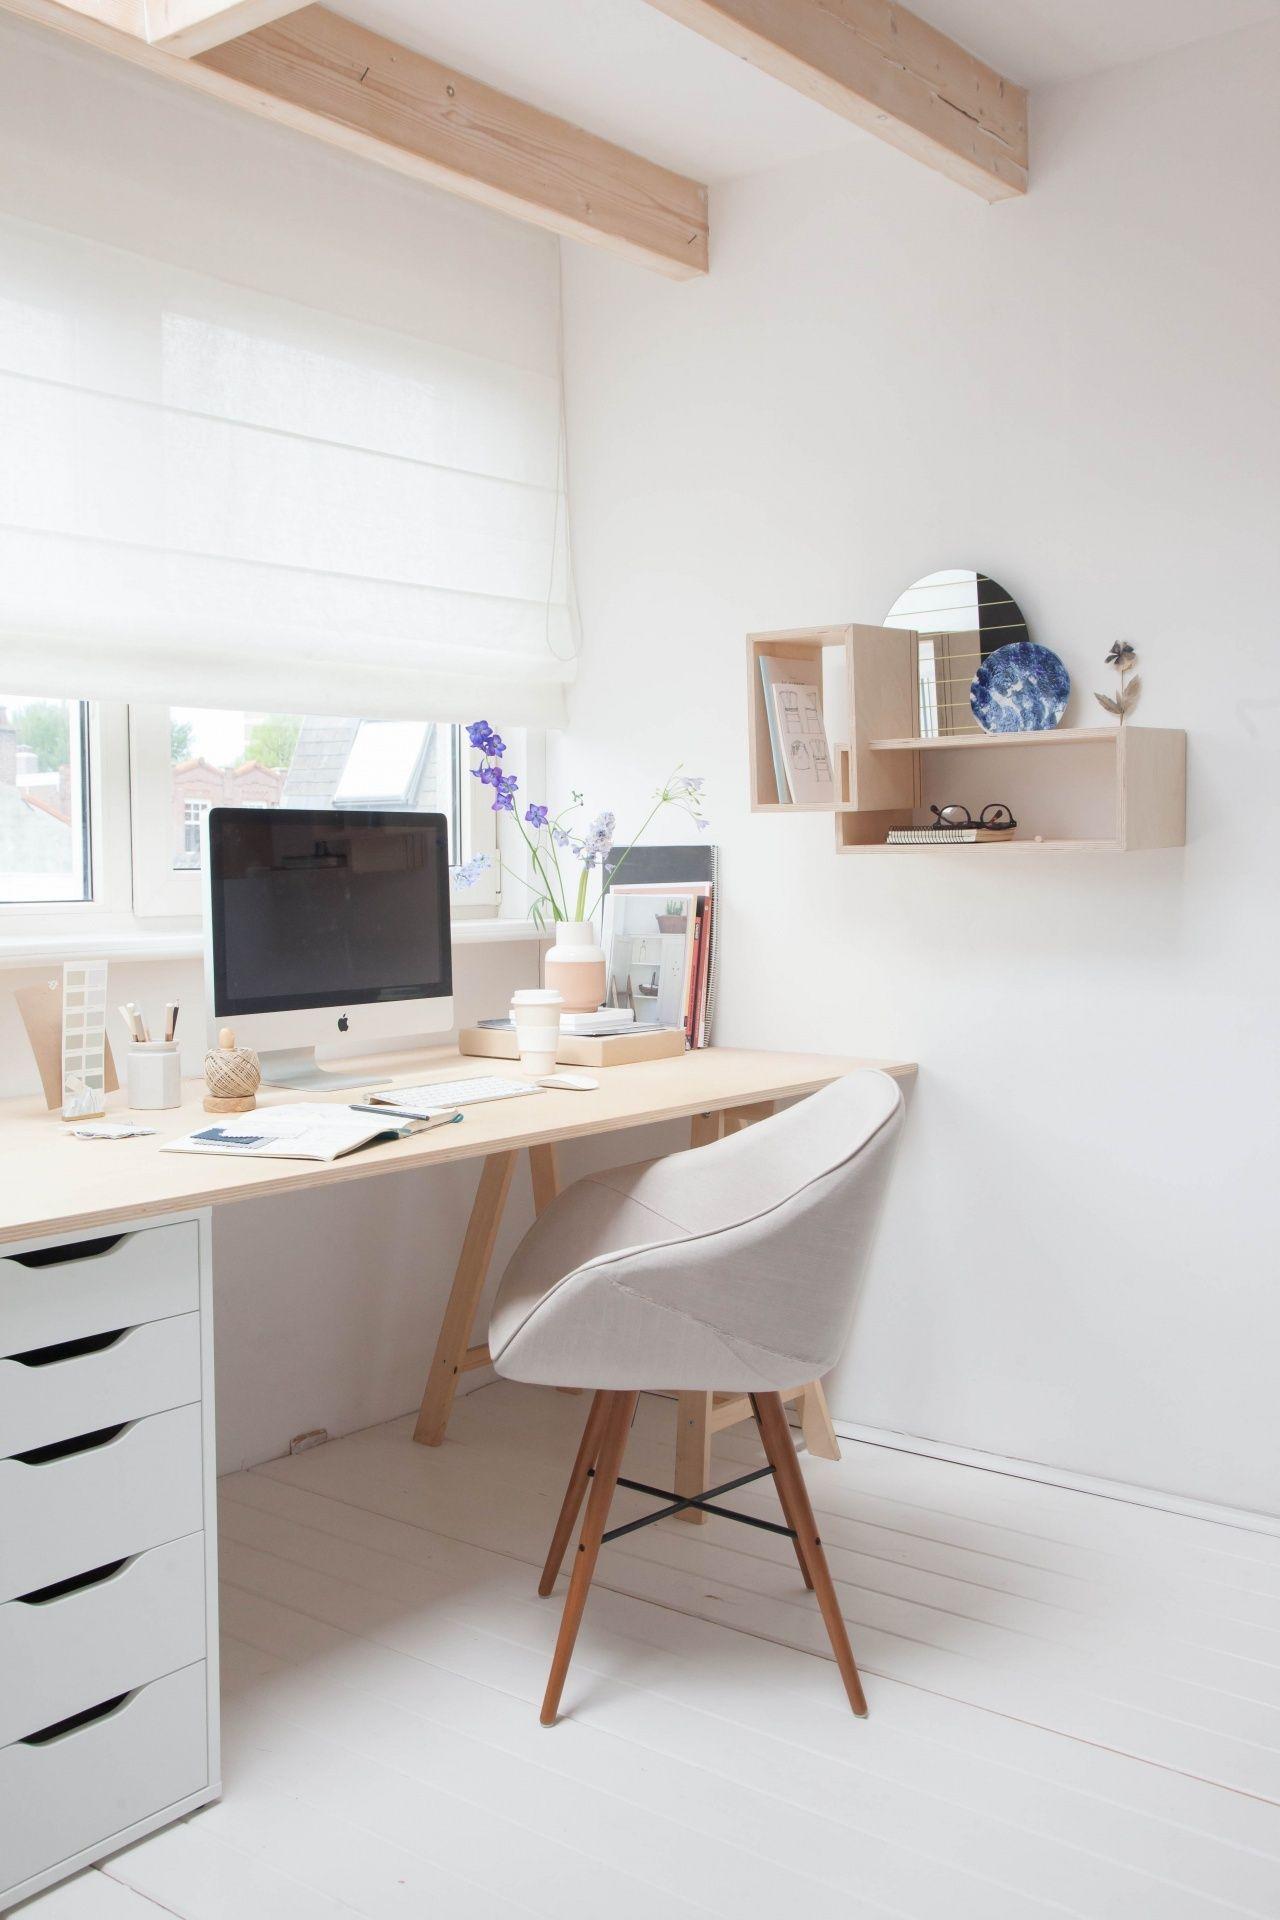 Gönnen Sie sich einen Fensterplatz | Büro | Pinterest | Desks and ...